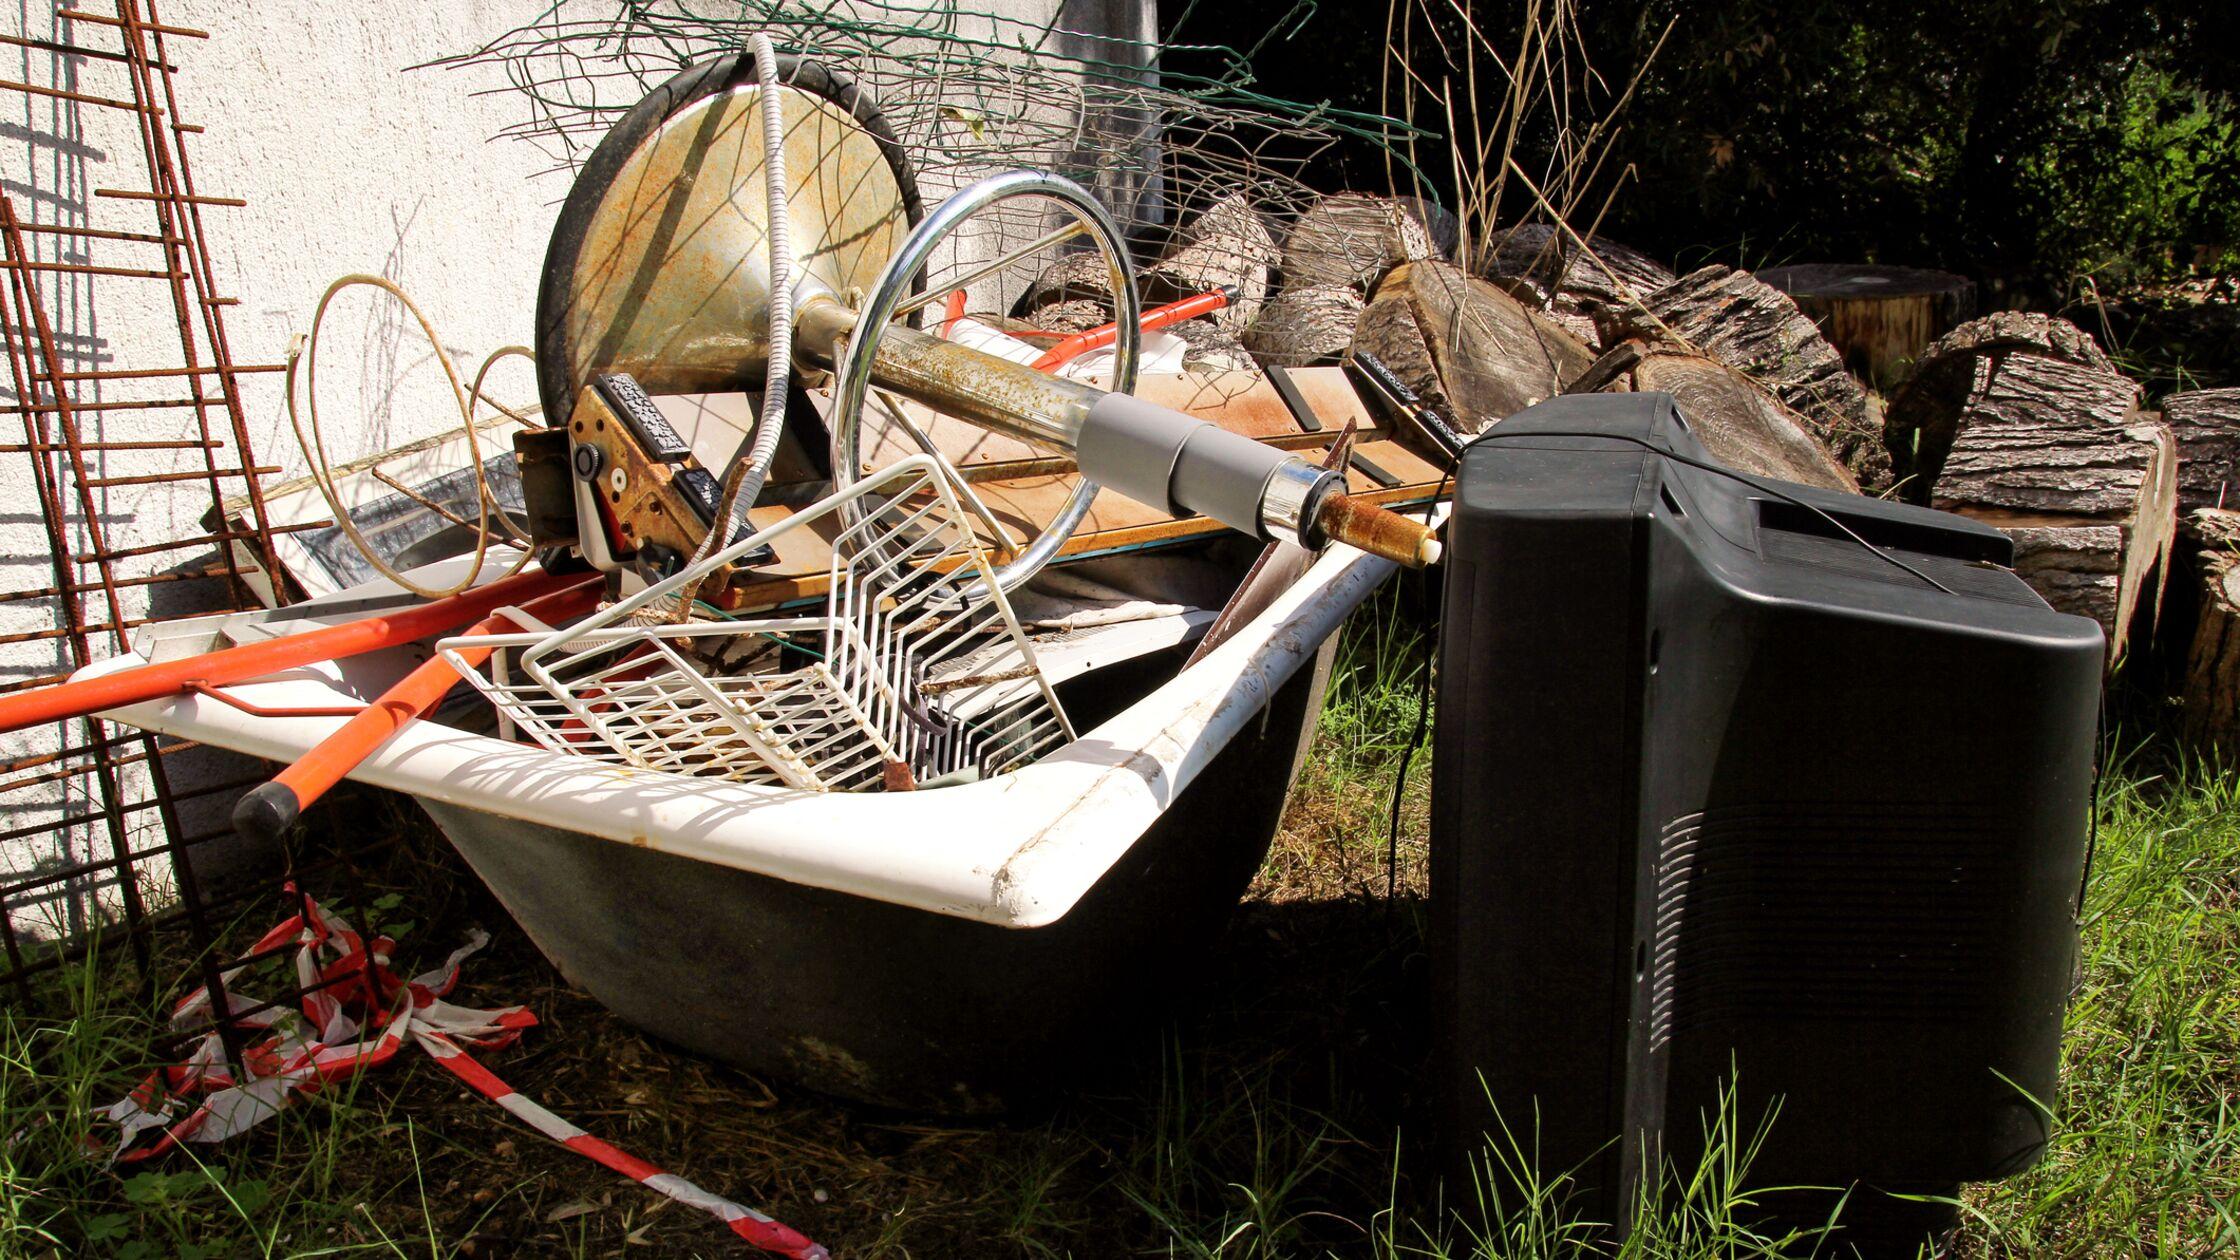 Metallschrott in einer alten Badewanne und ein Röhrenfernseher auf einer Wiese